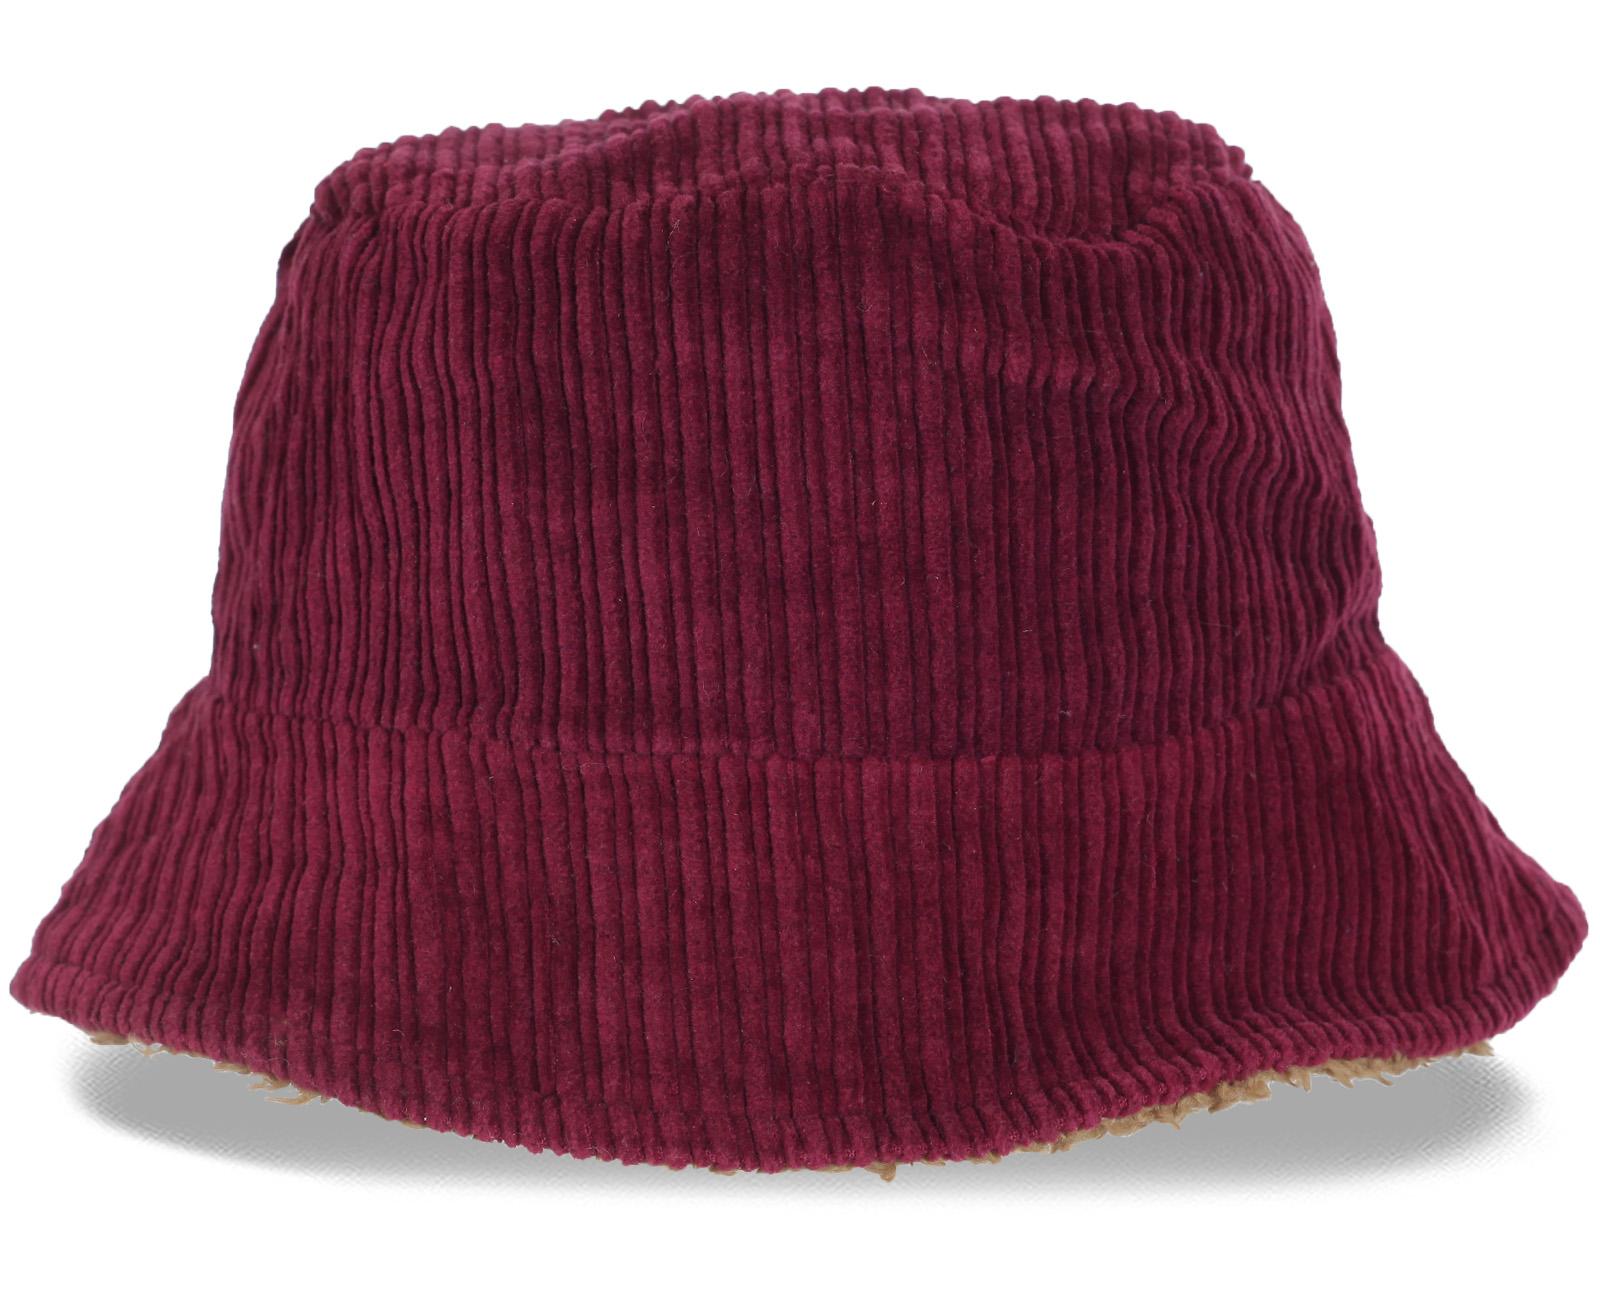 Стильная женственная зимняя шляпка крупного вельвета, утепленная мехом. Комфортная модель, которой все будут завидовать!